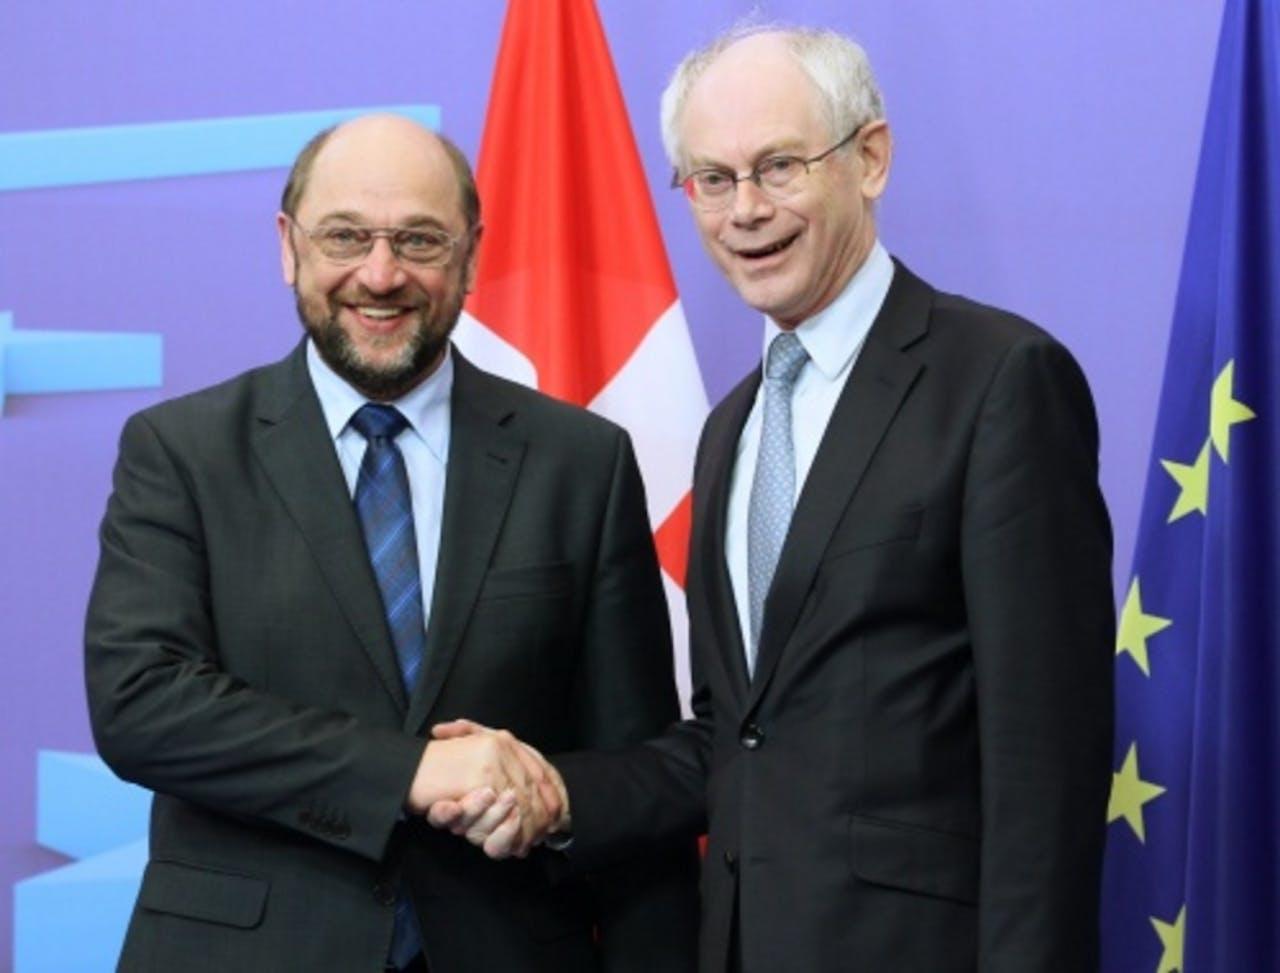 Schulz en Van Rompuy. EPA